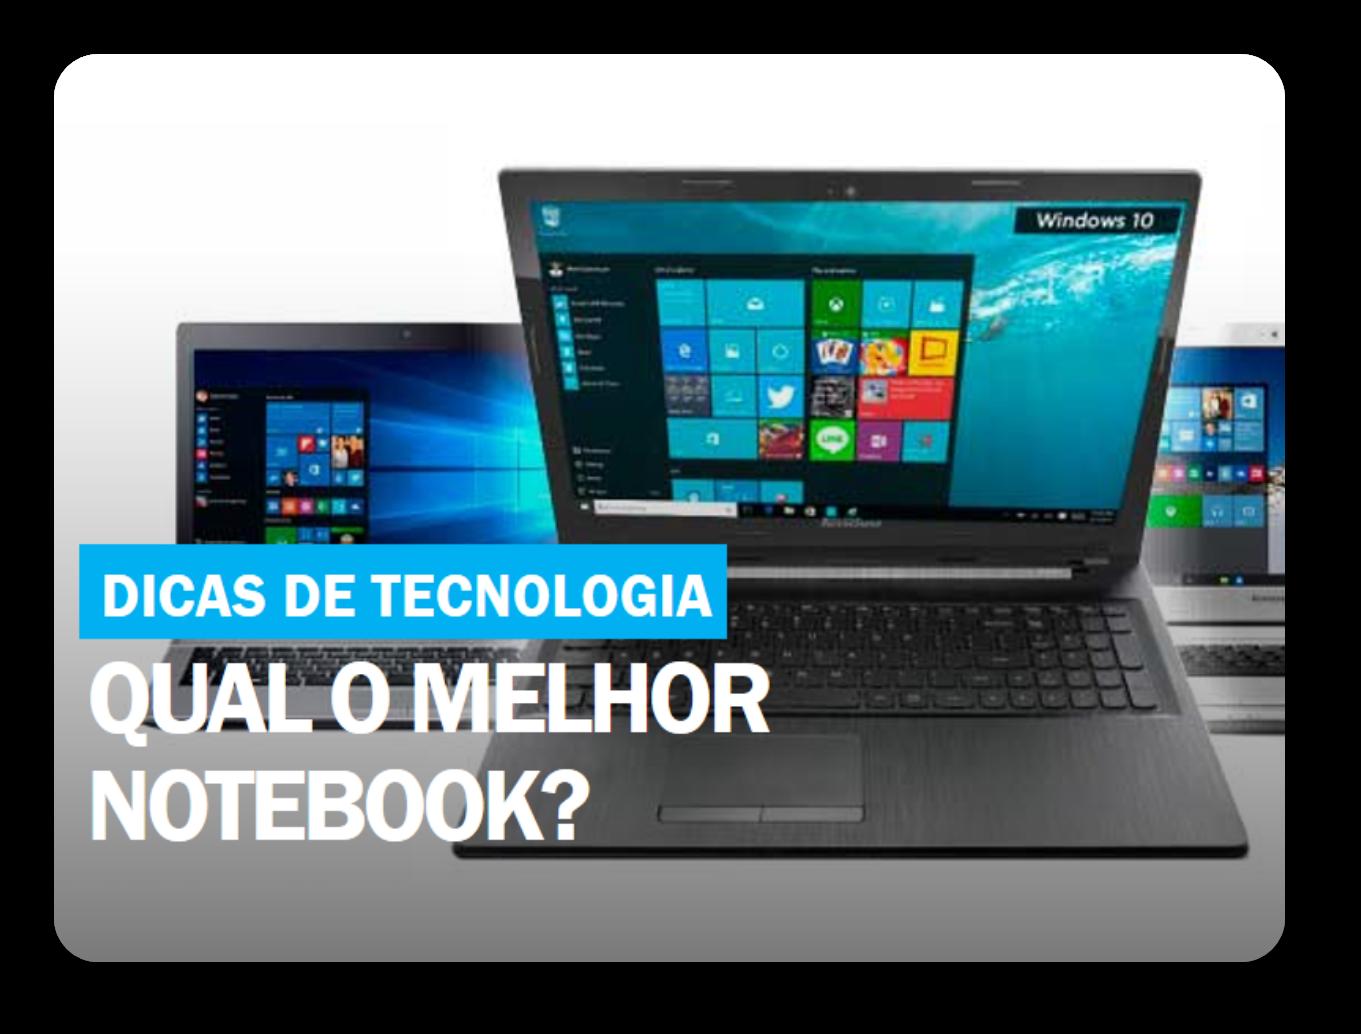 Notebook o barato que sai caro!